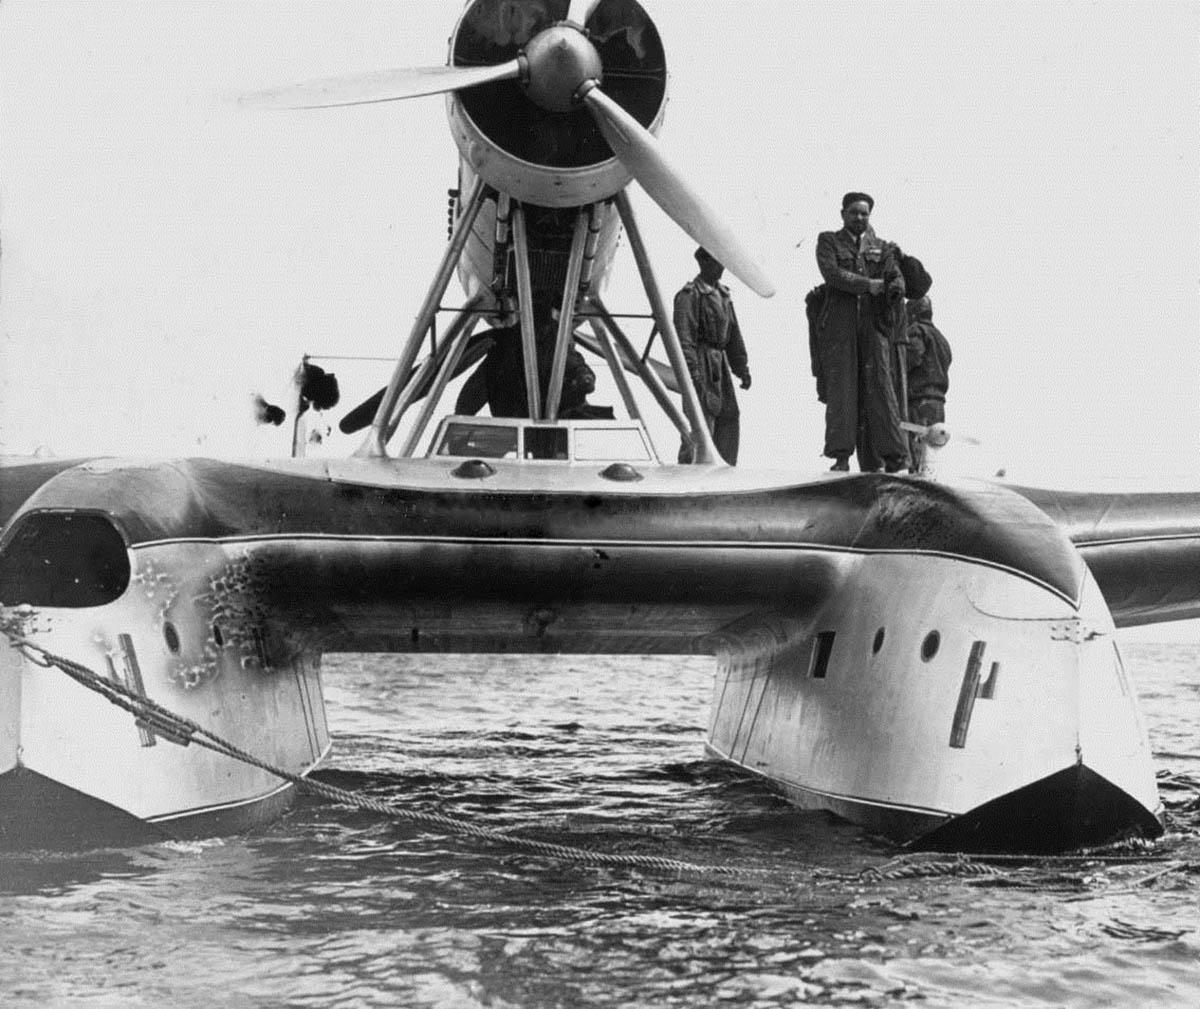 Savoia Marchetti S.55 au mouillage